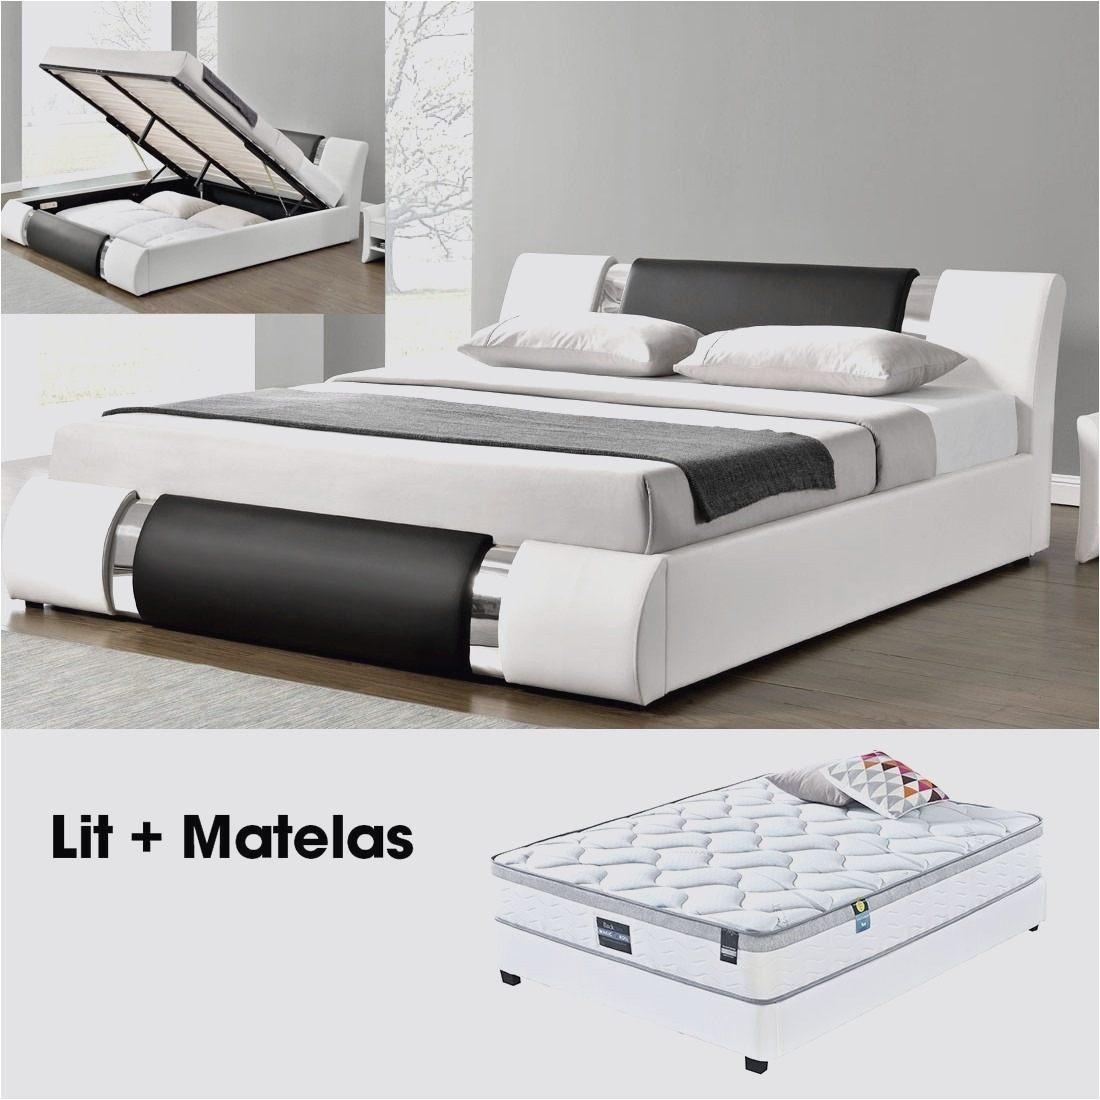 Matelas Pour Lit Electrique 80×200 Ikea Impressionnant Matelas 80×200 Pour Lit Electrique Best Ikea Matelas 80—200 New